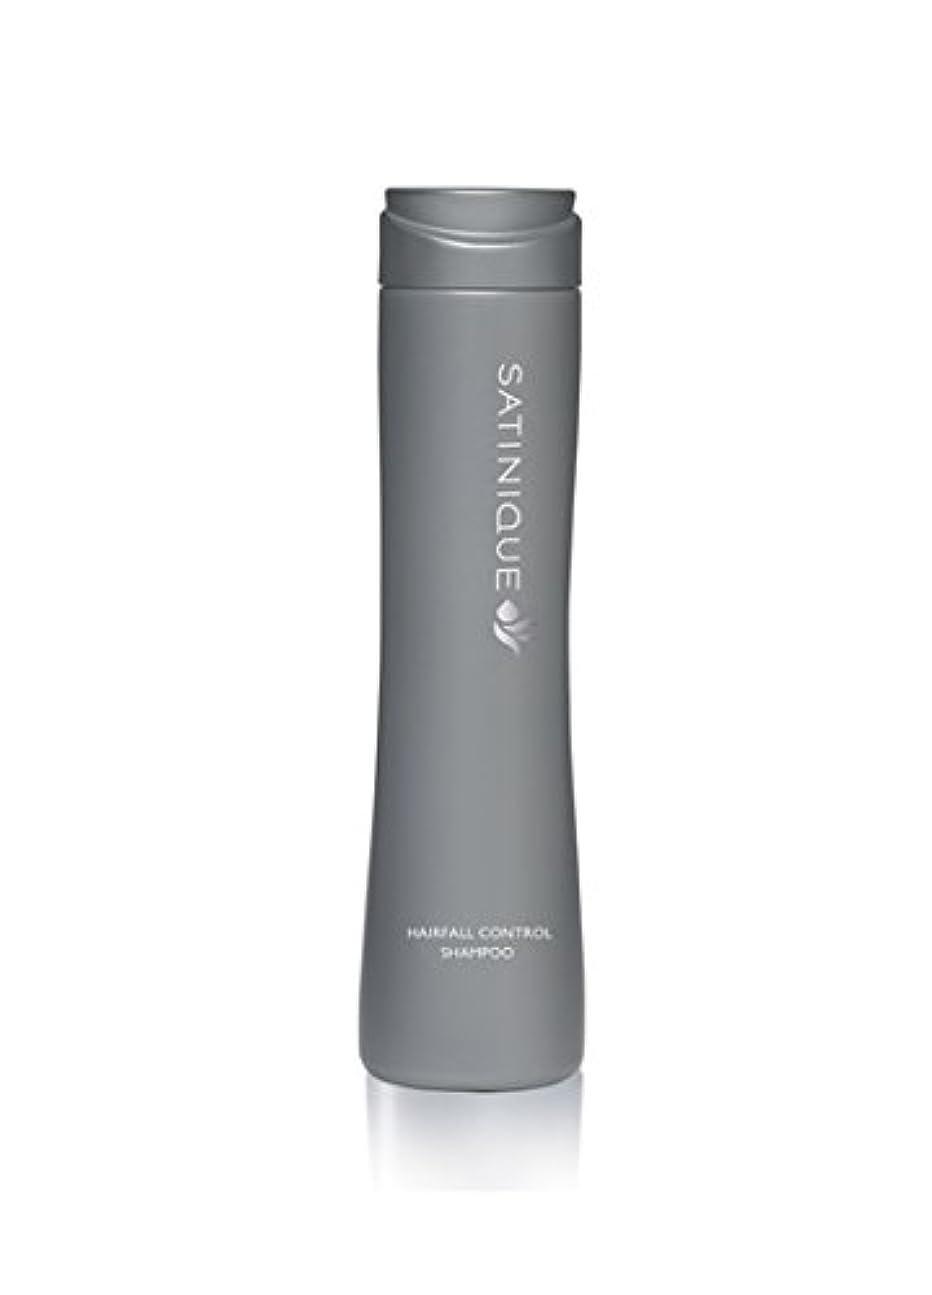 安全でないホイッスル負荷Nutrition amway Satinique Hairfall Control Shampoo (250 ml)